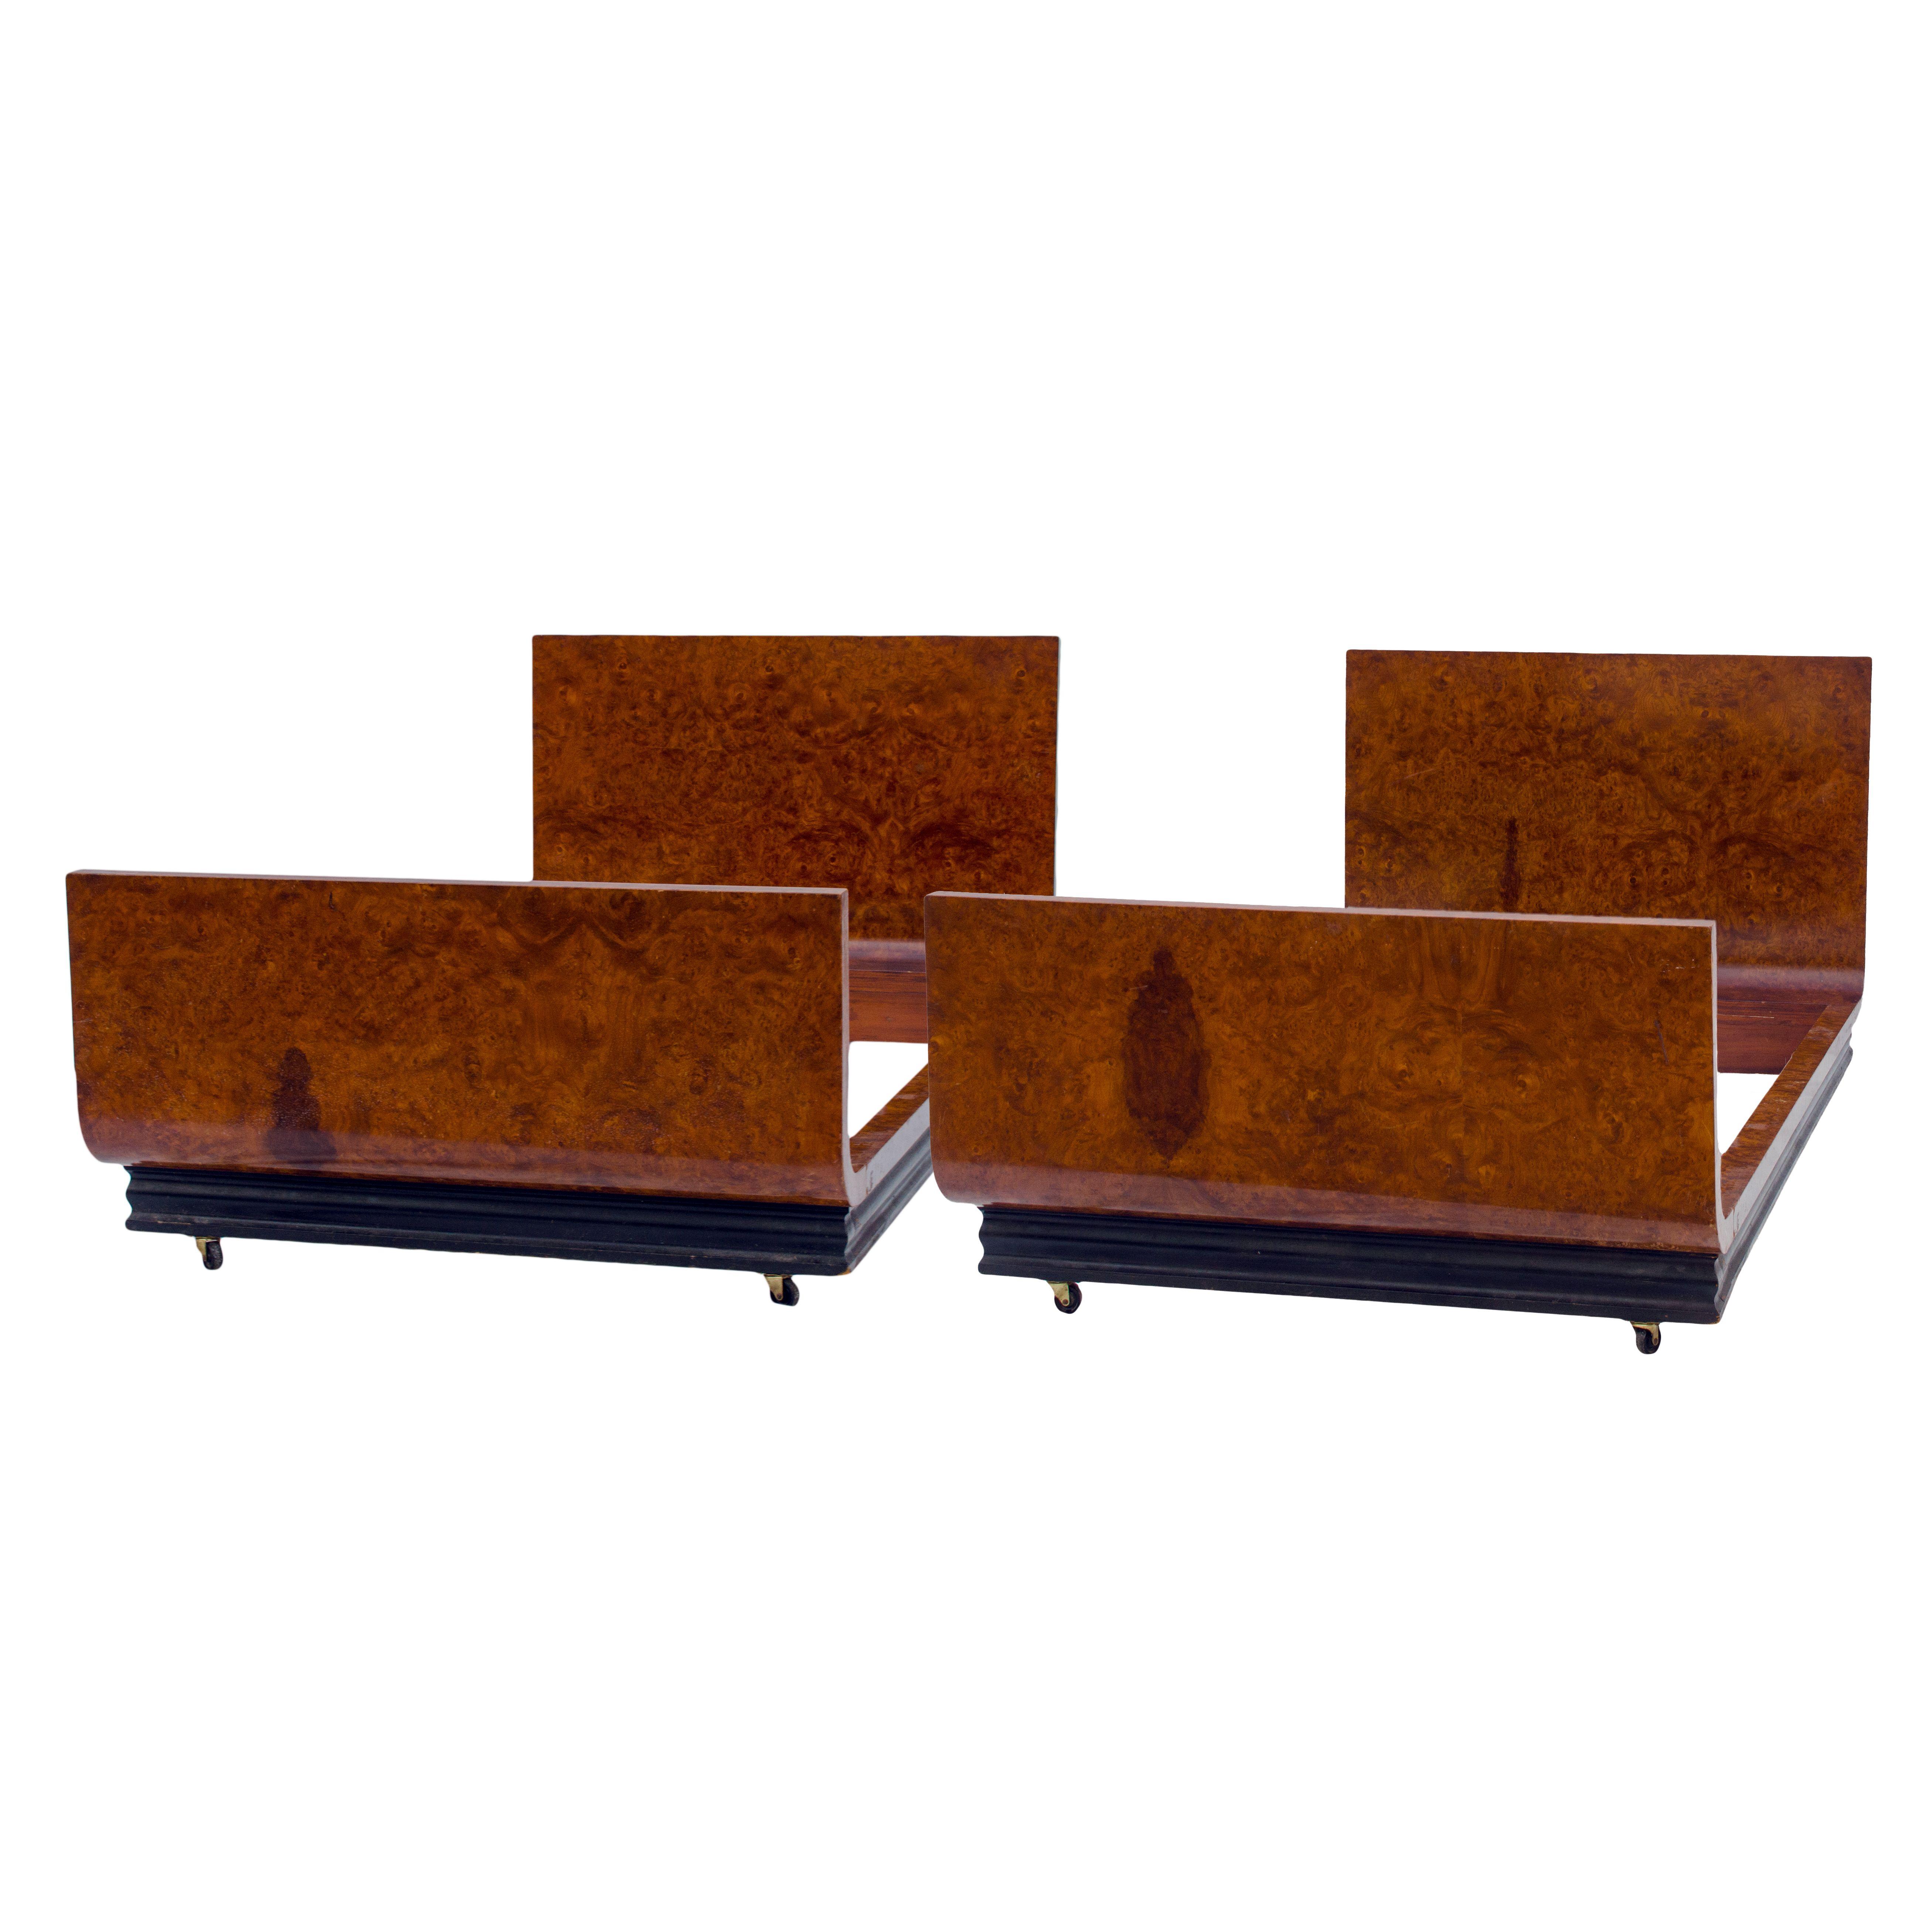 Donald Deskey Carpathian Elm Twin Beds for Co